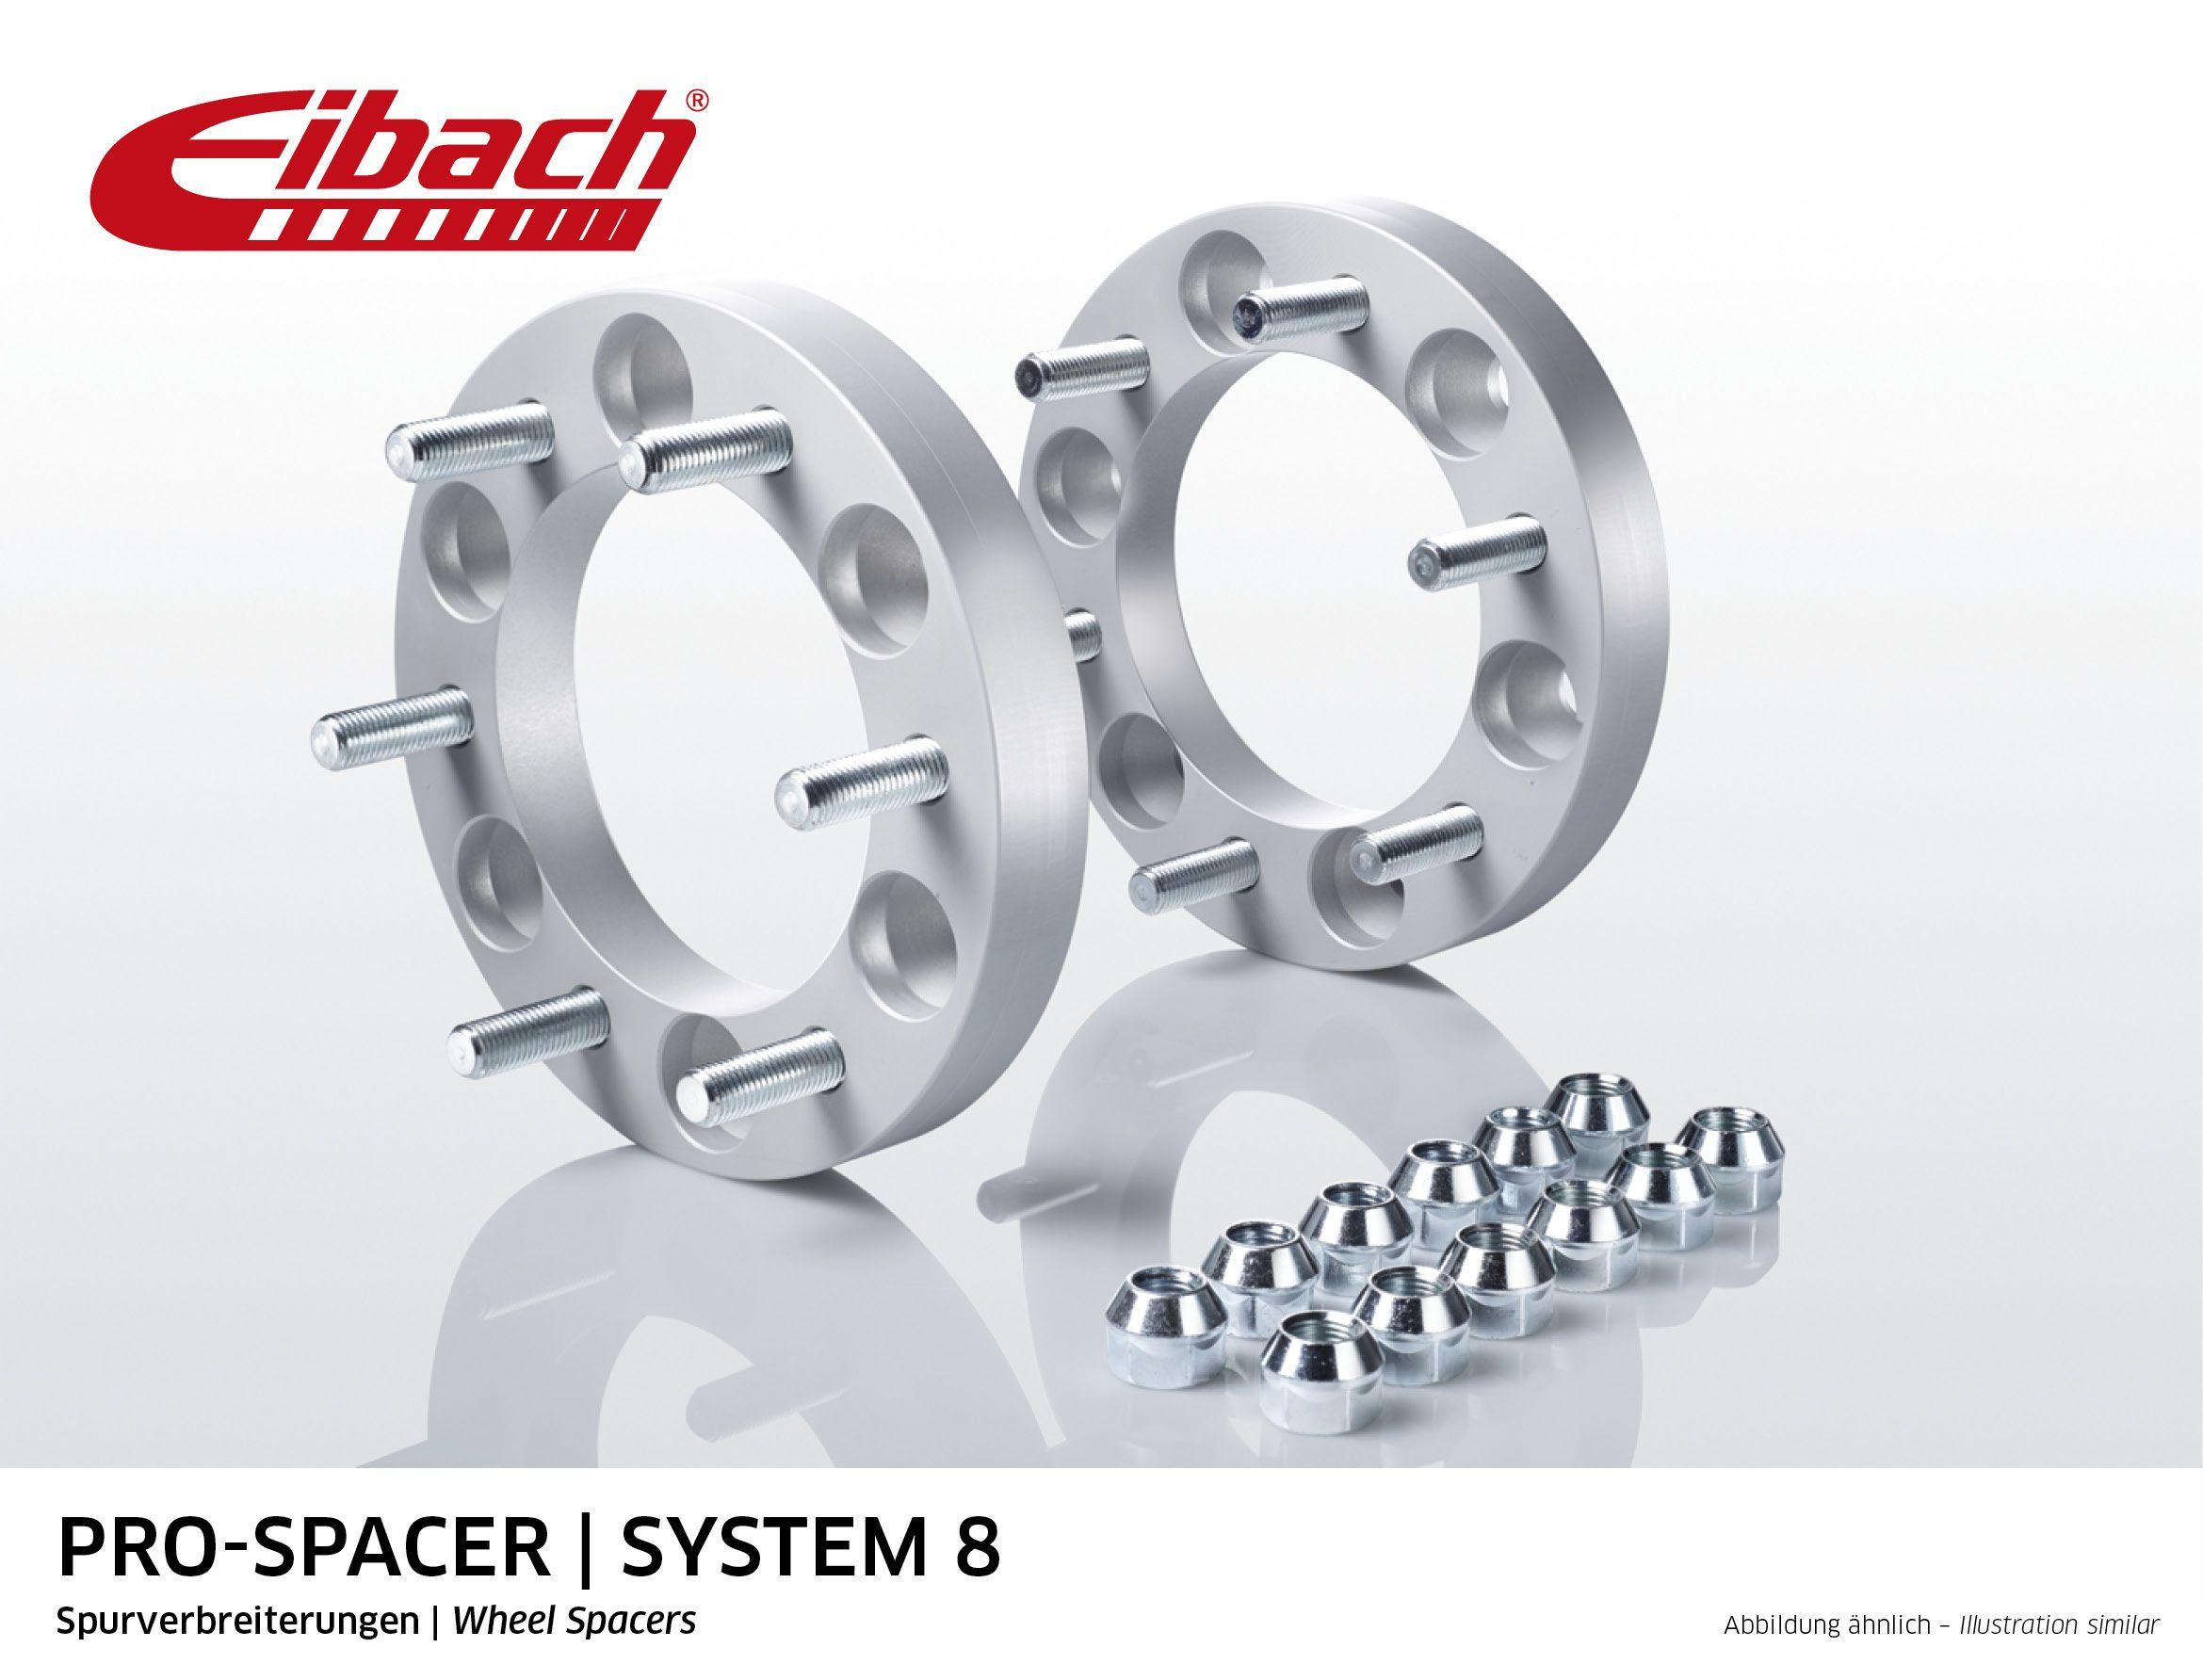 Eibach Pro-spacer silver | distanční podložky Suzuki Grand Vitara S90-8-25-006